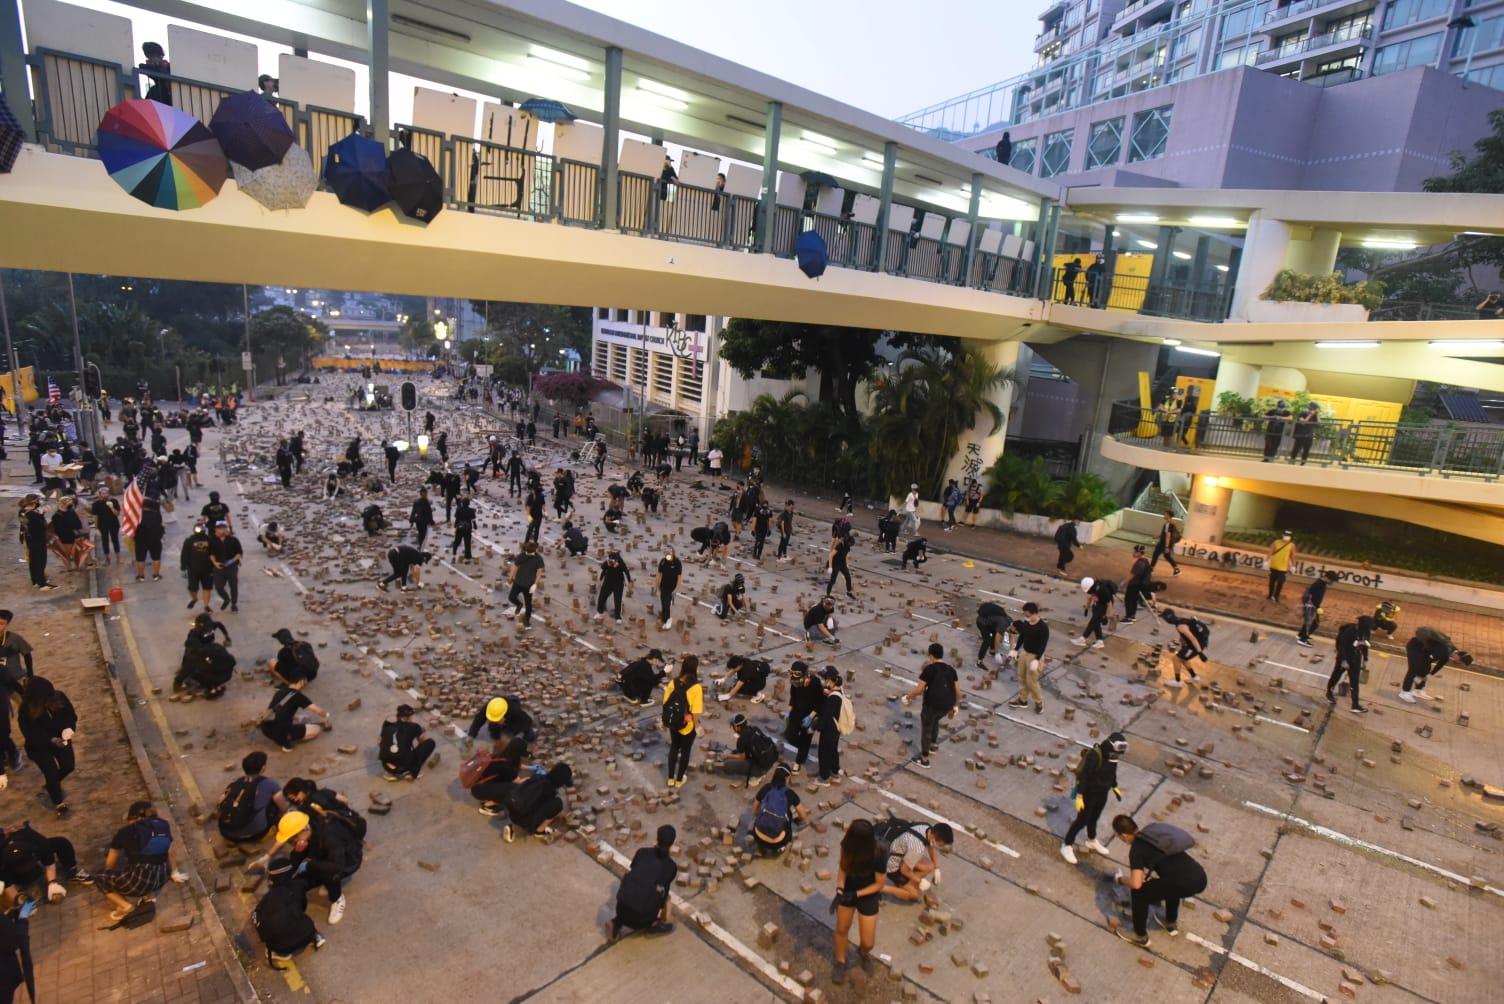 【大三罢】家校会吁家长提示子女停课期间远离示威区